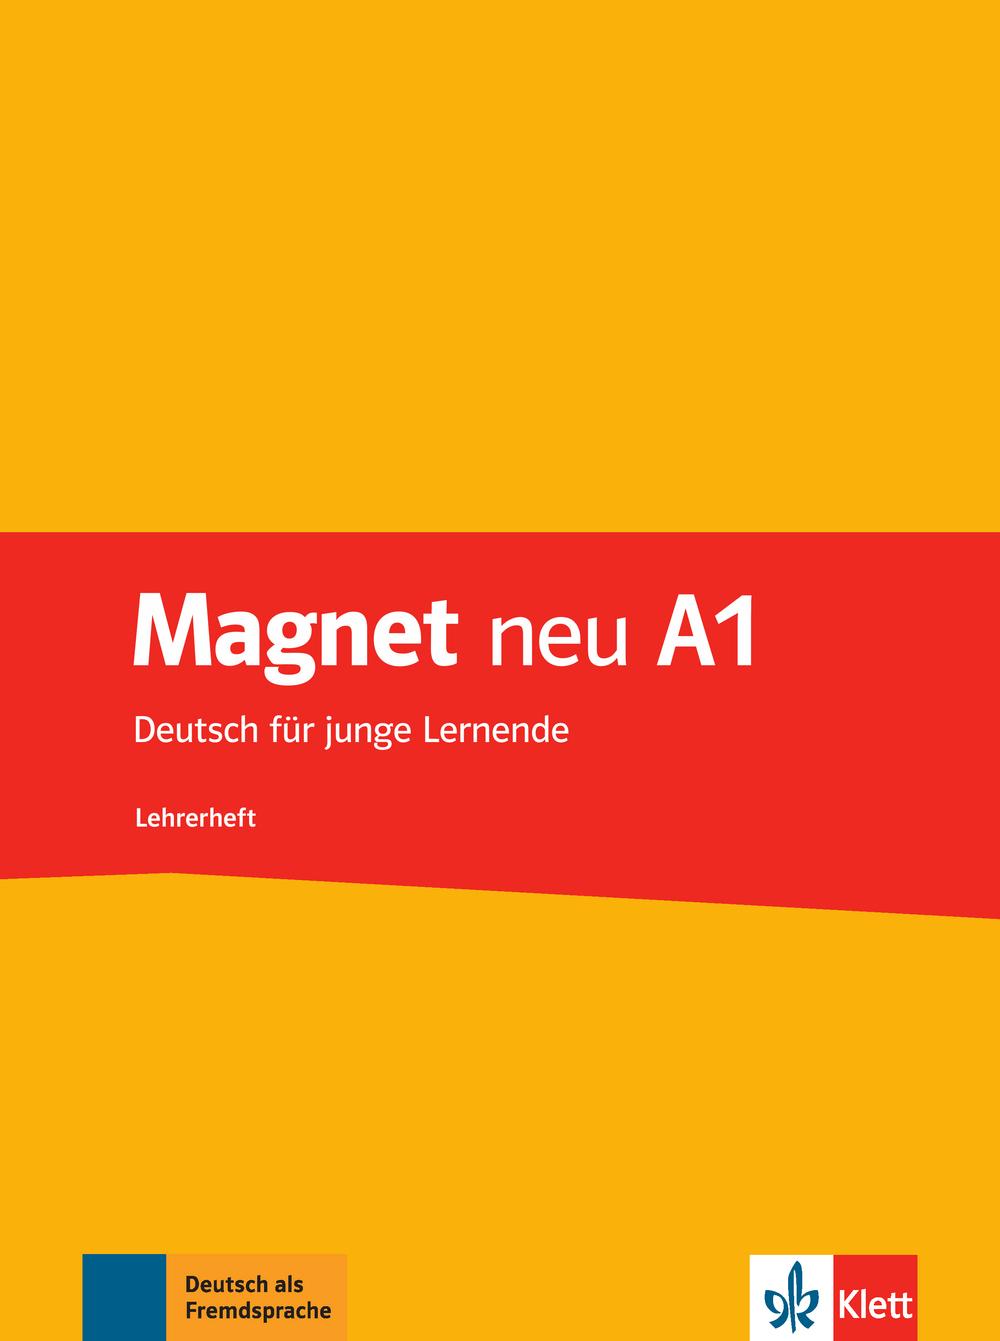 Magnet neu A1